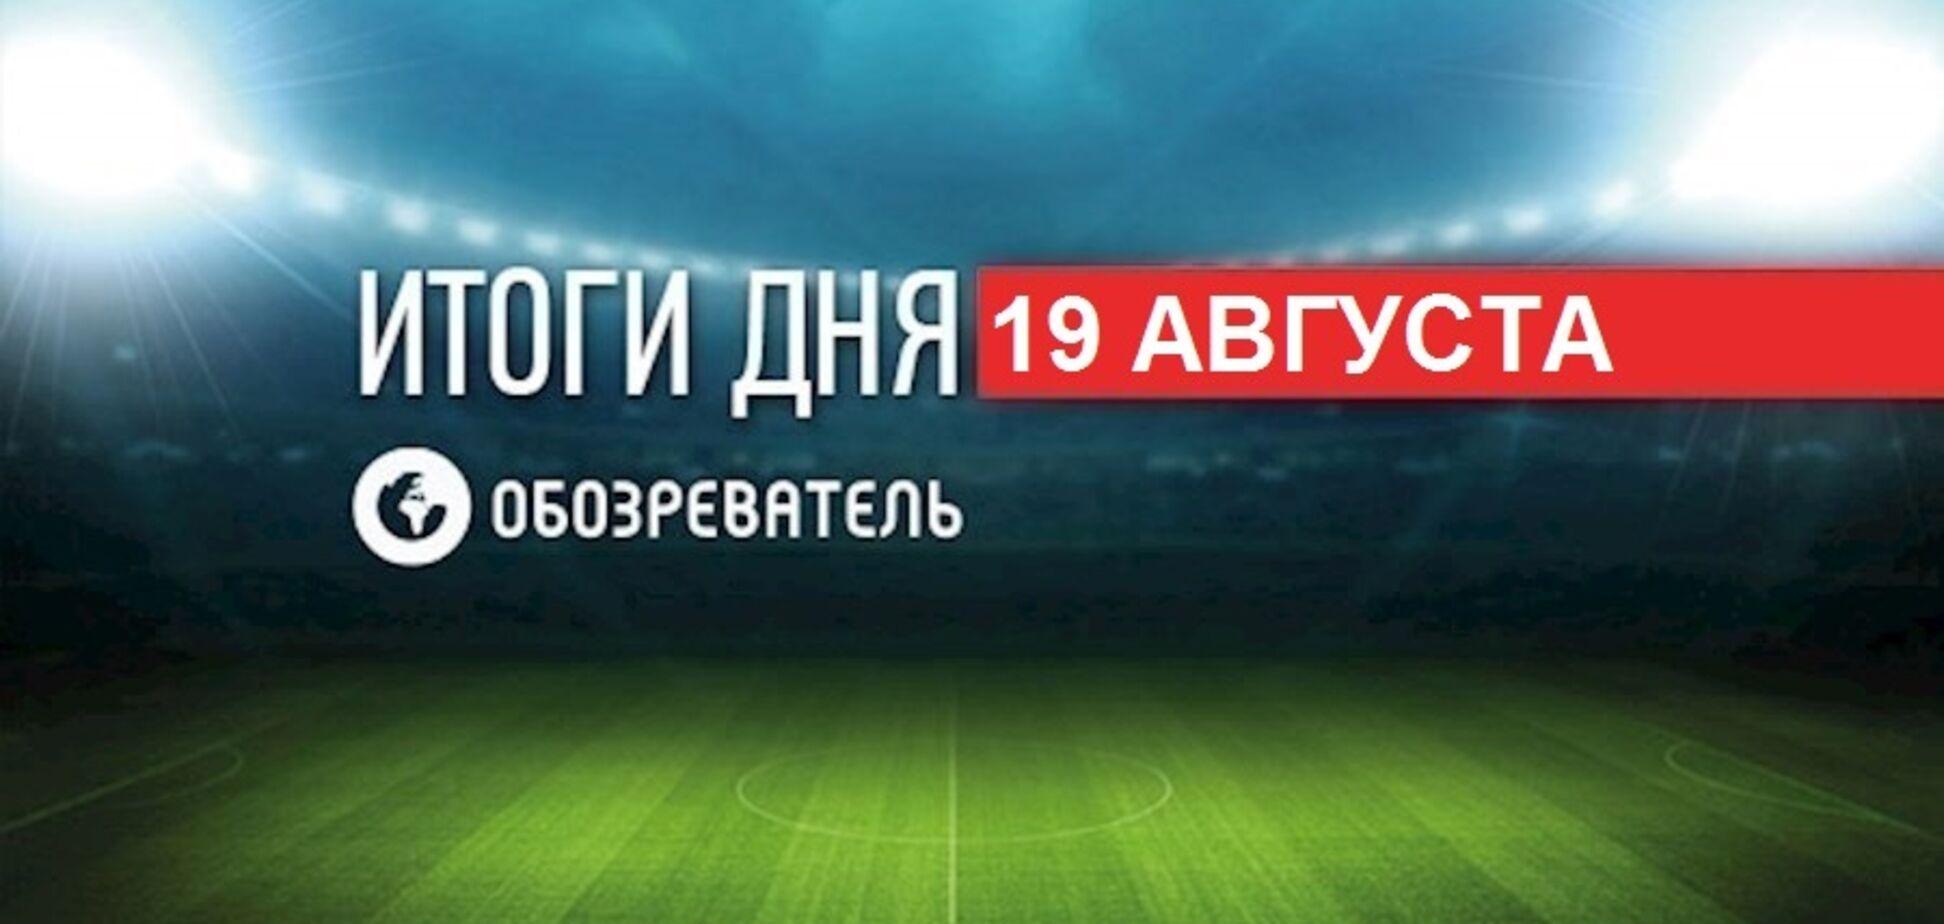 Емельяненко избили в Москве: спортивные итоги 19 августа